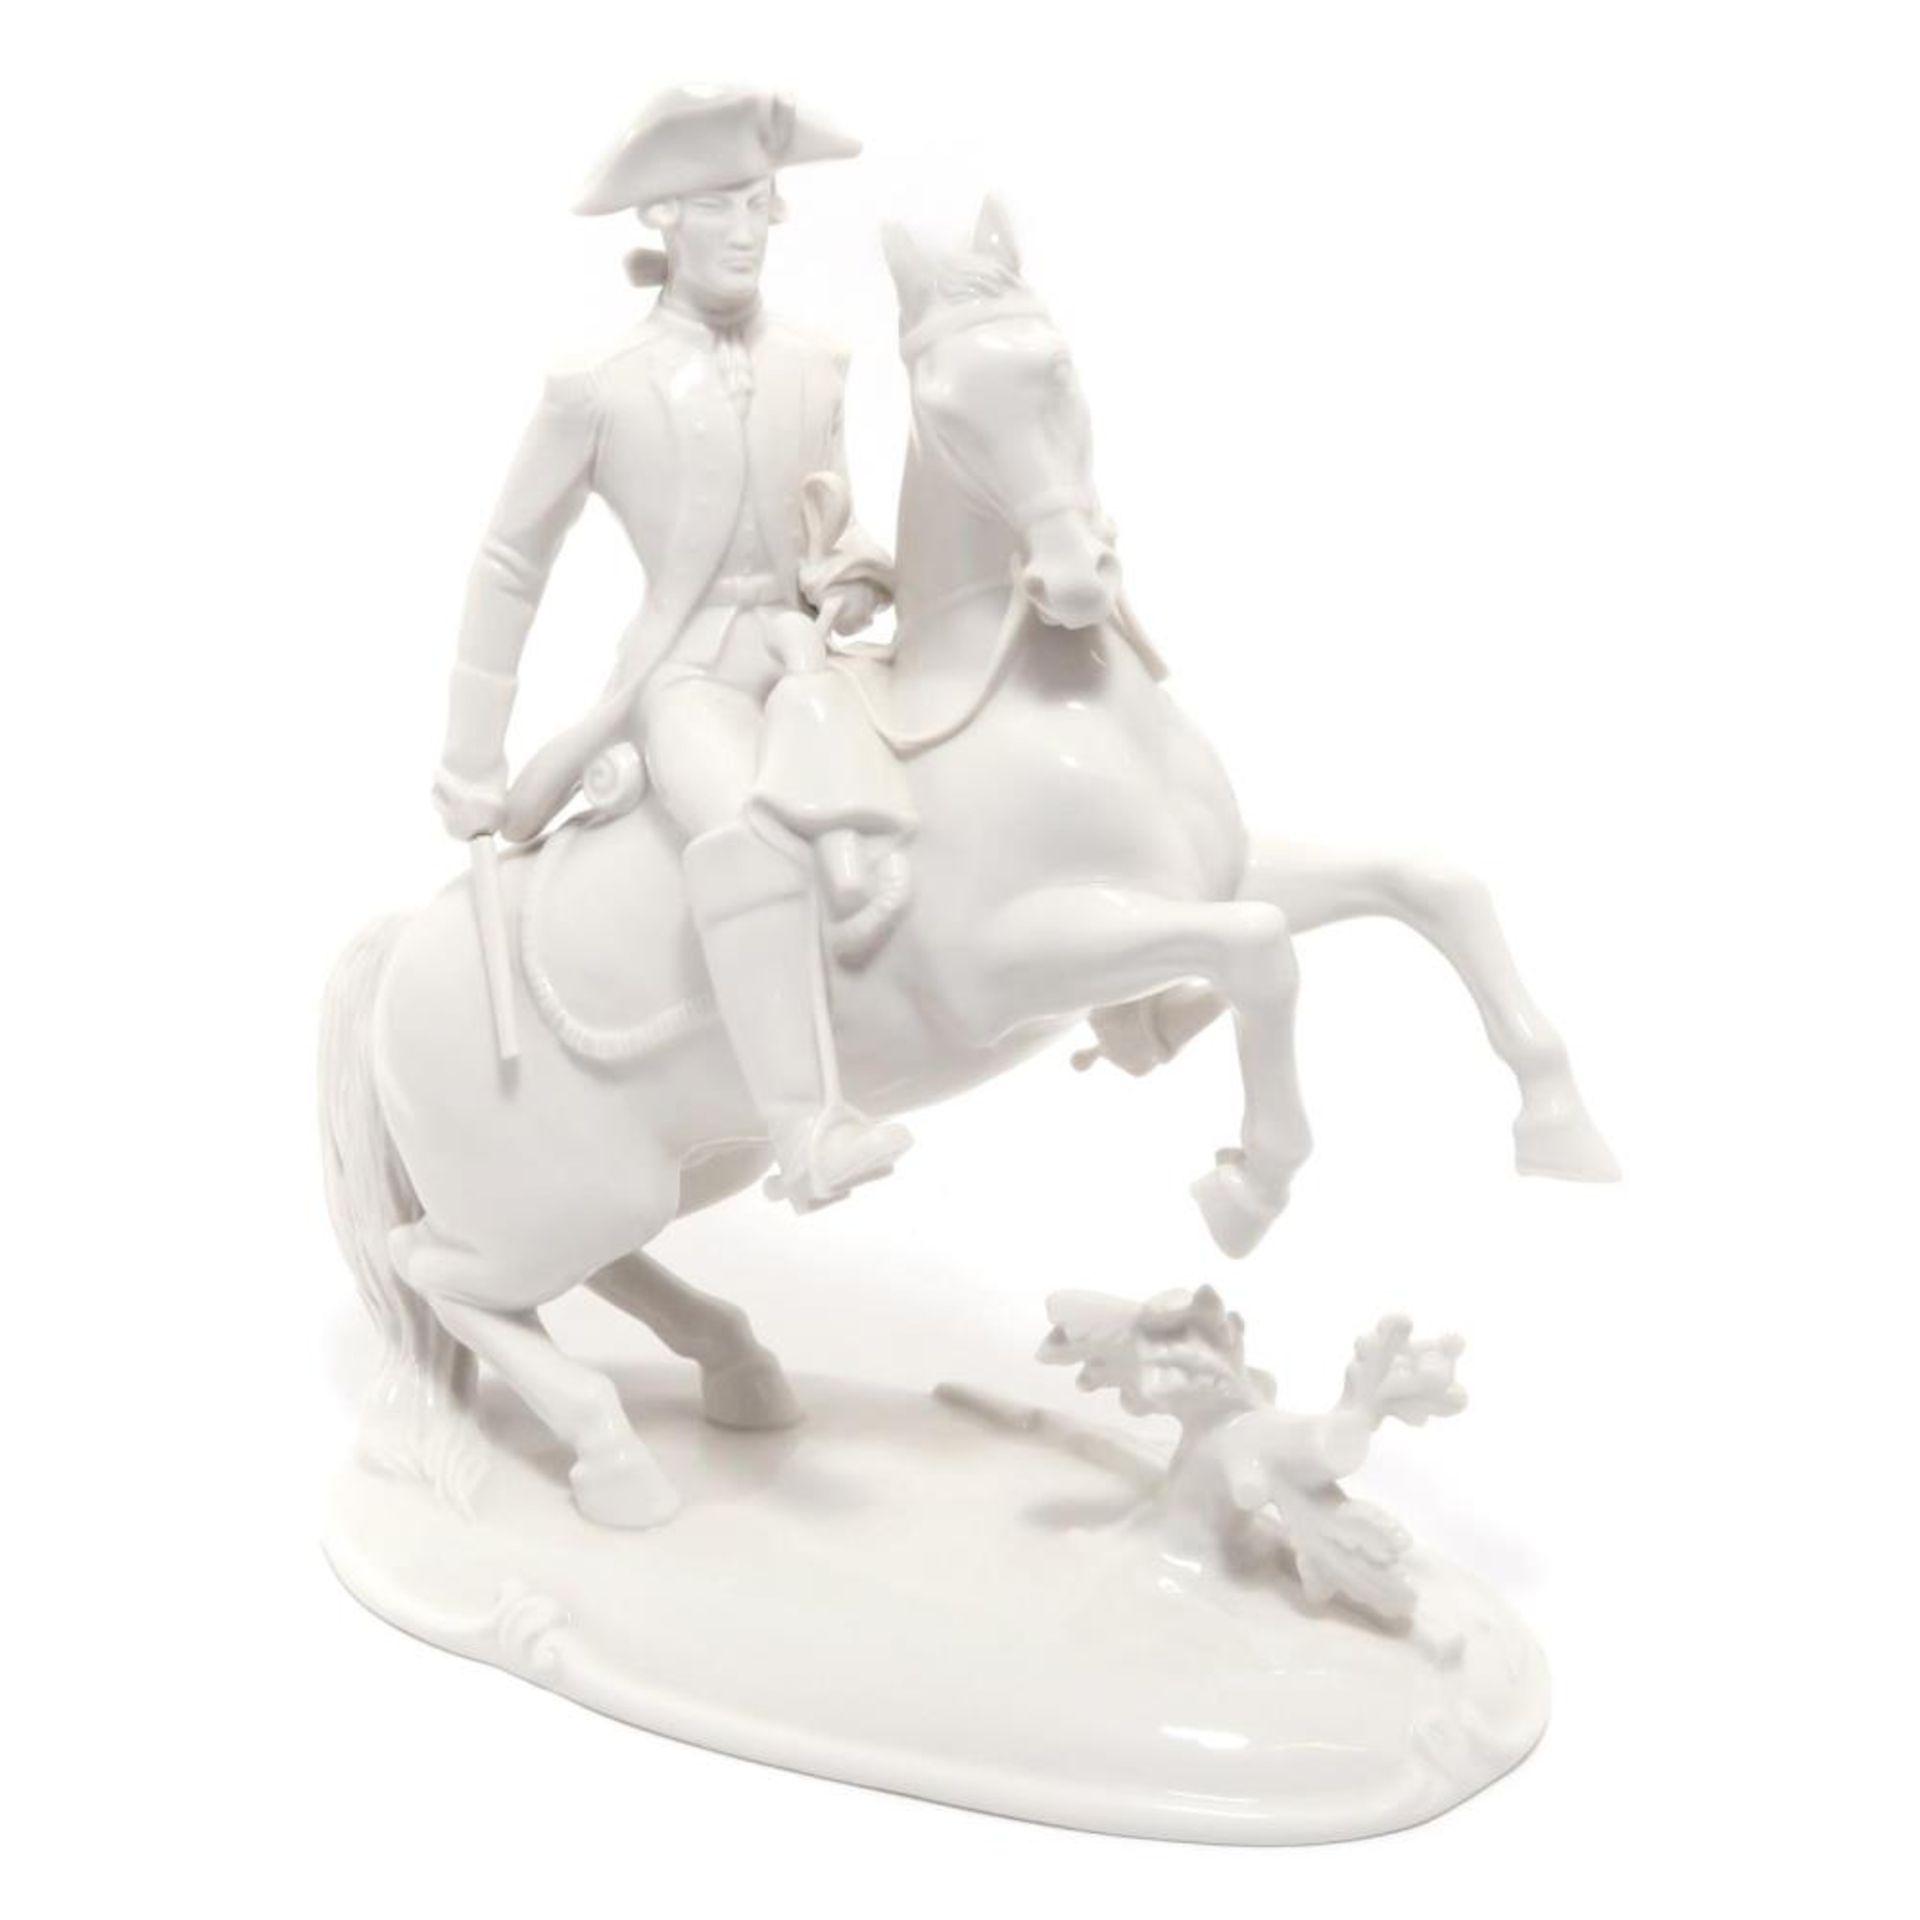 Dragoner-Offizier zu Pferd